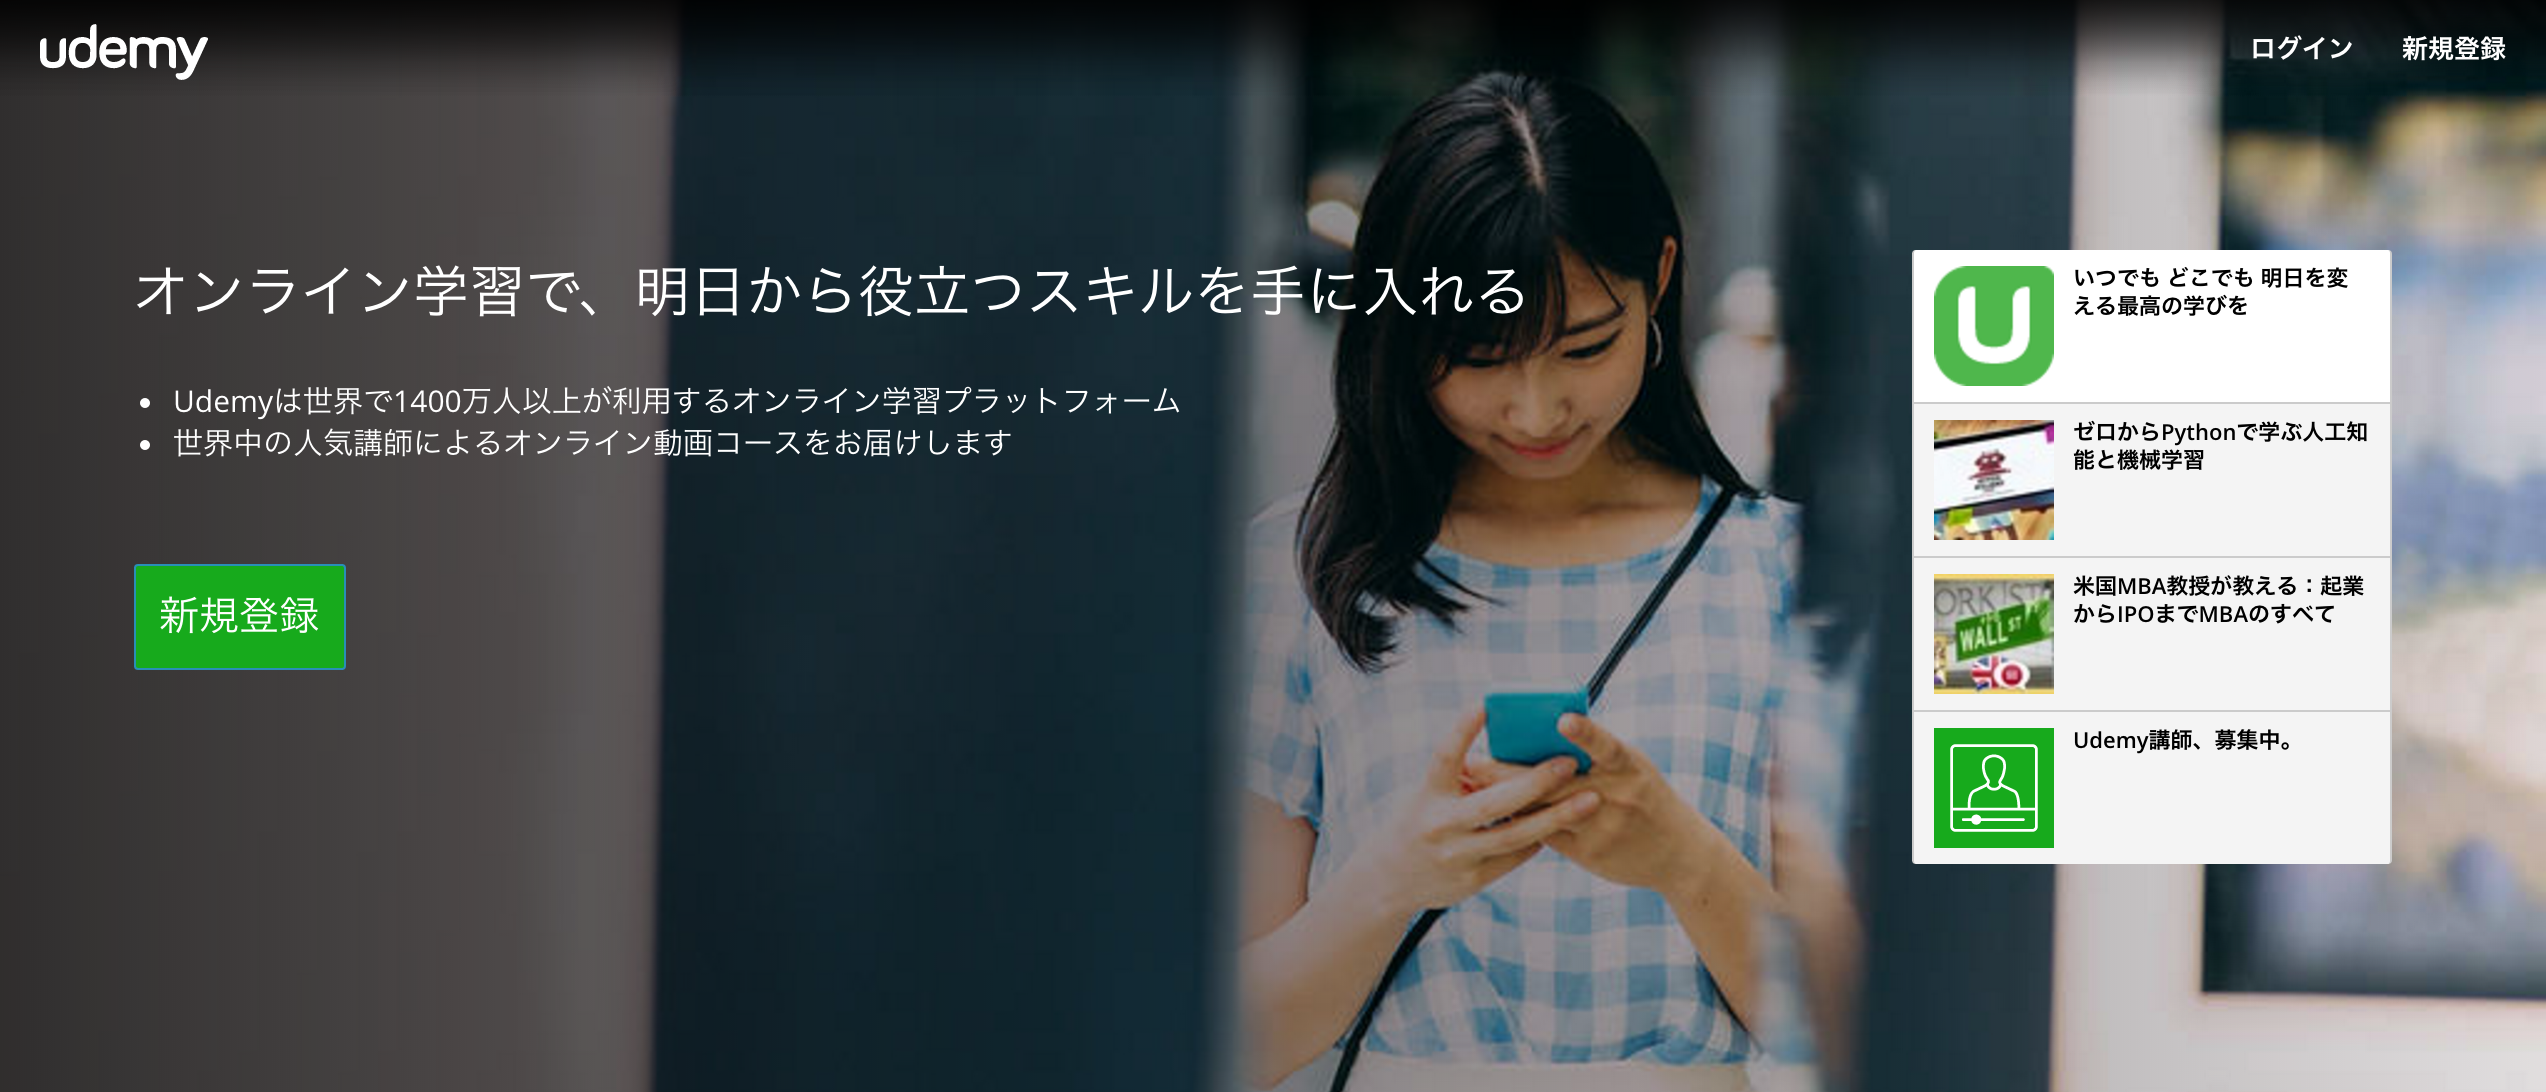 FireShot Capture 203 - Udemy:オンライン学習ーいつでも どこでも自分のペースで学べます。 - https___www.udemy.com_jp_